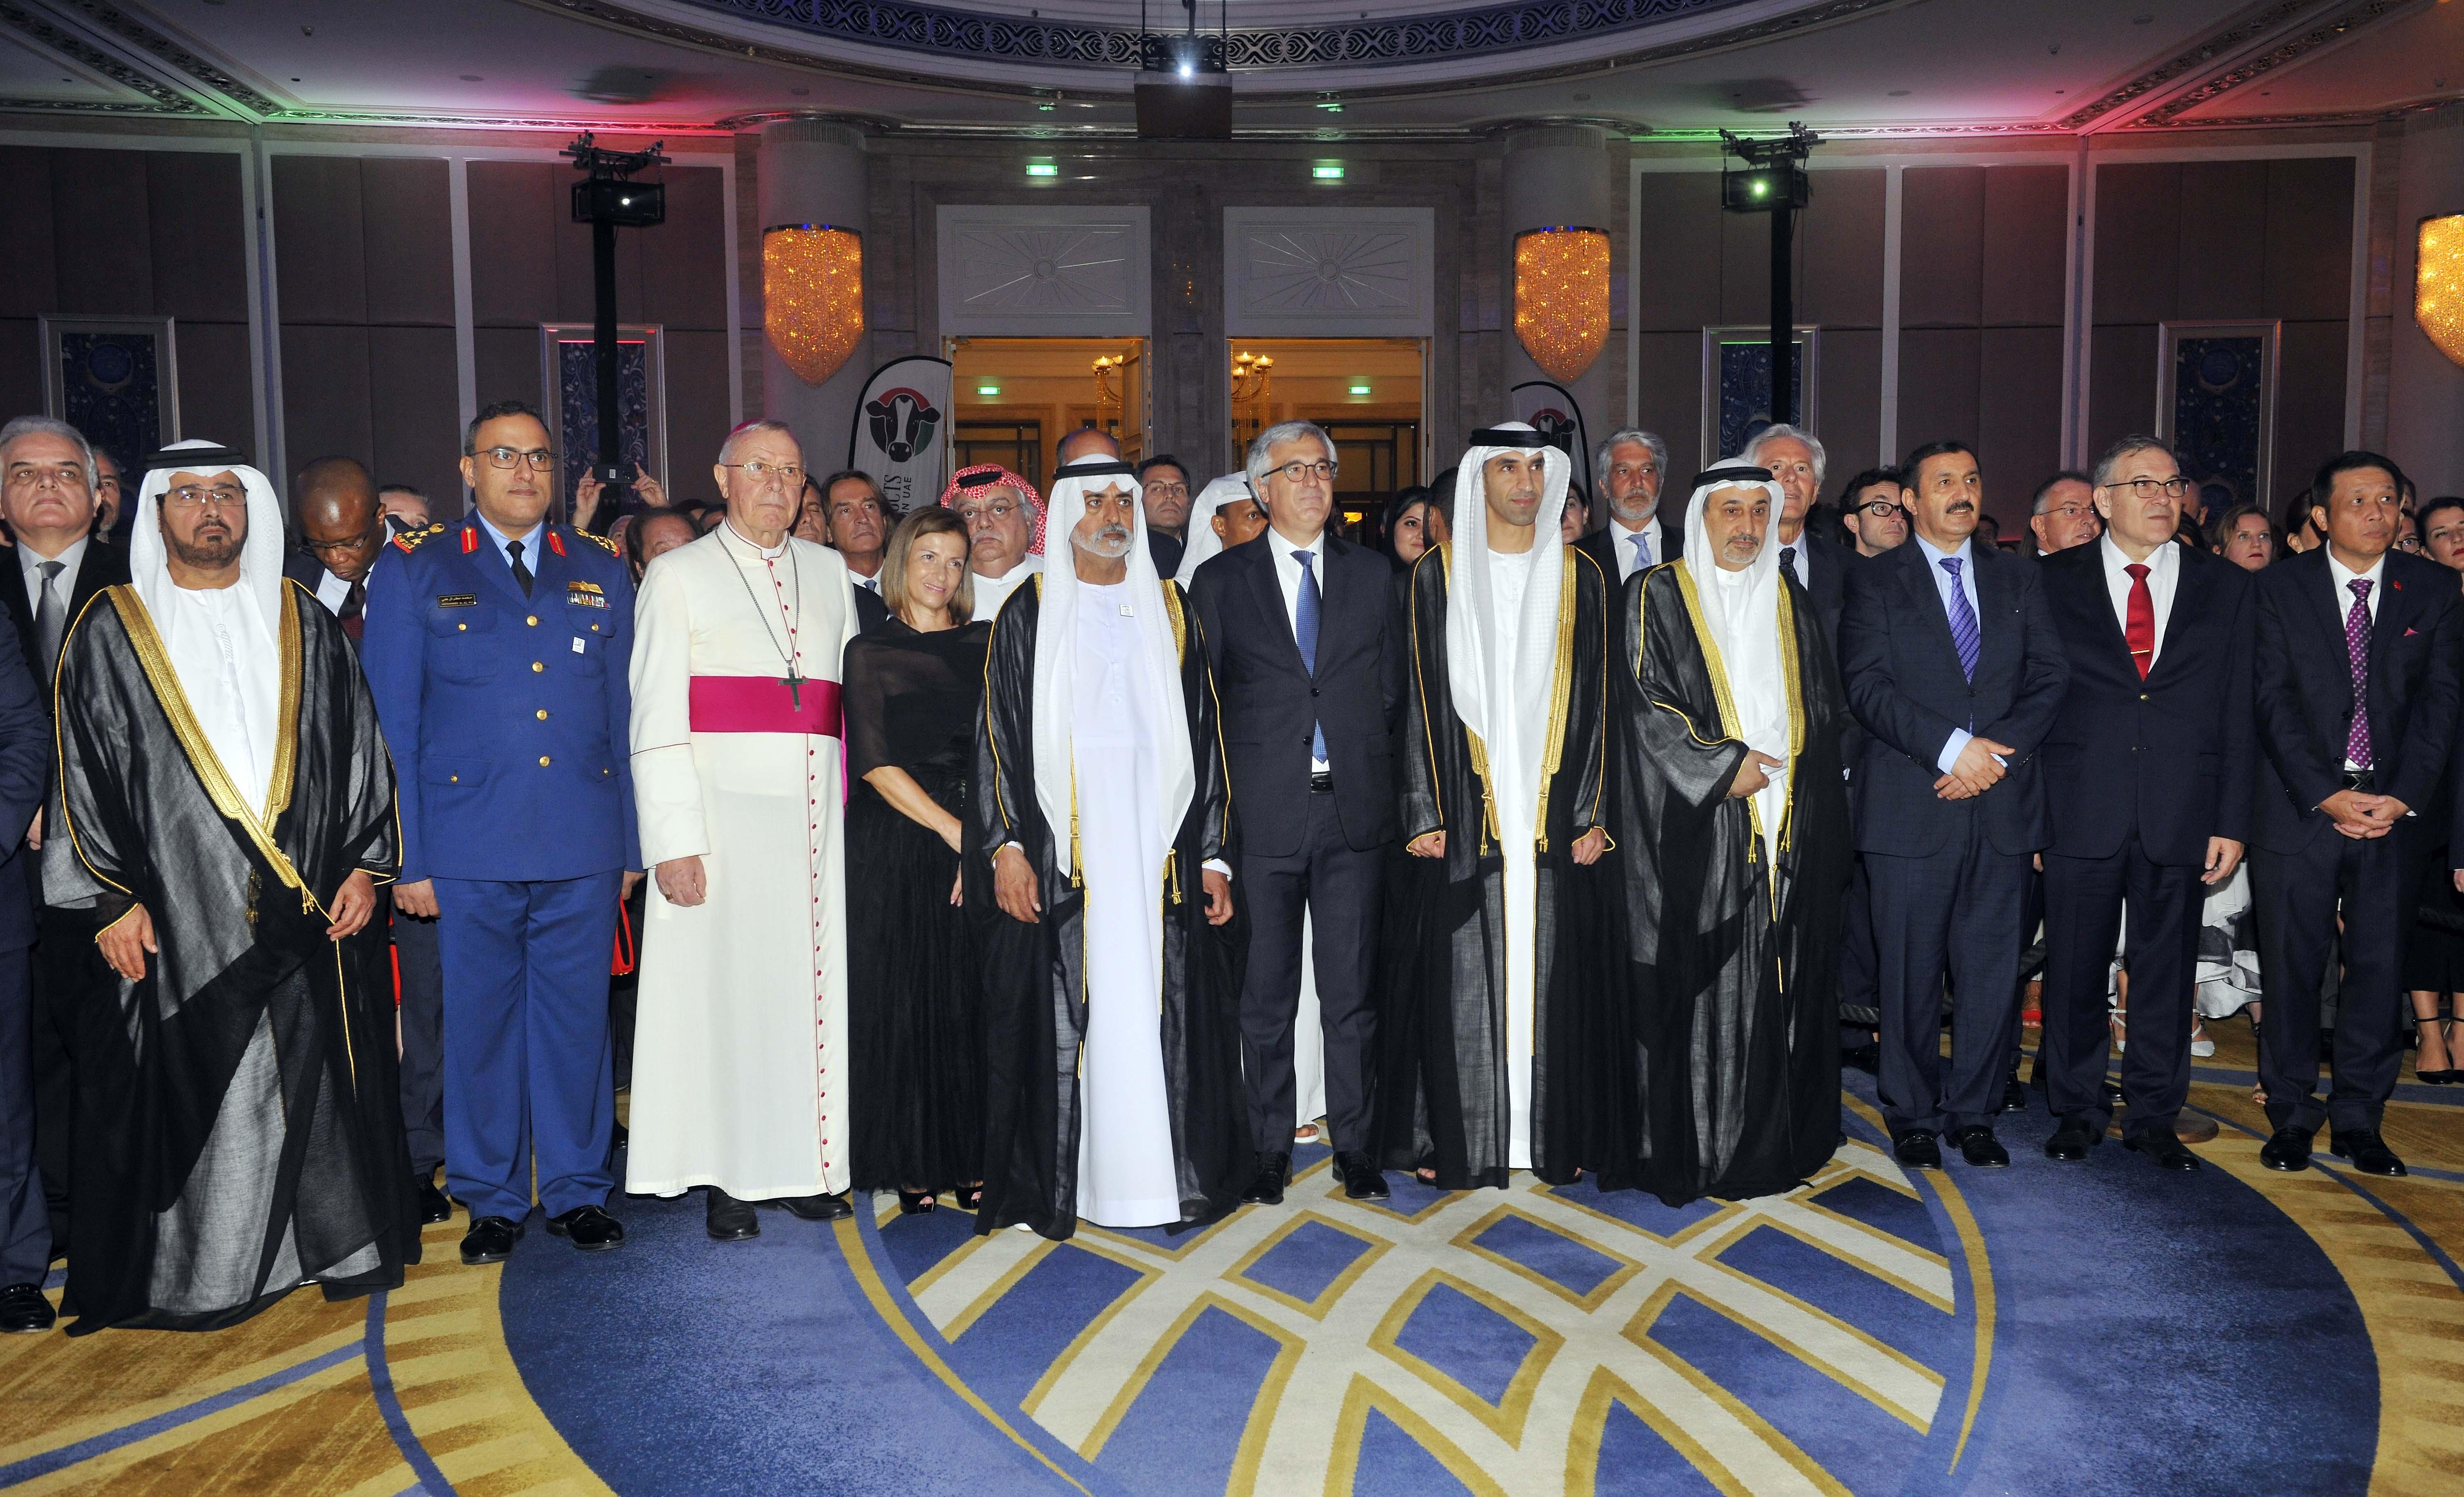 نهيان بن مبارك يحضر حفل الاستقبال الذي أقامه السفير الإيطالي بمناسبة اليوم الوطني لبلاده